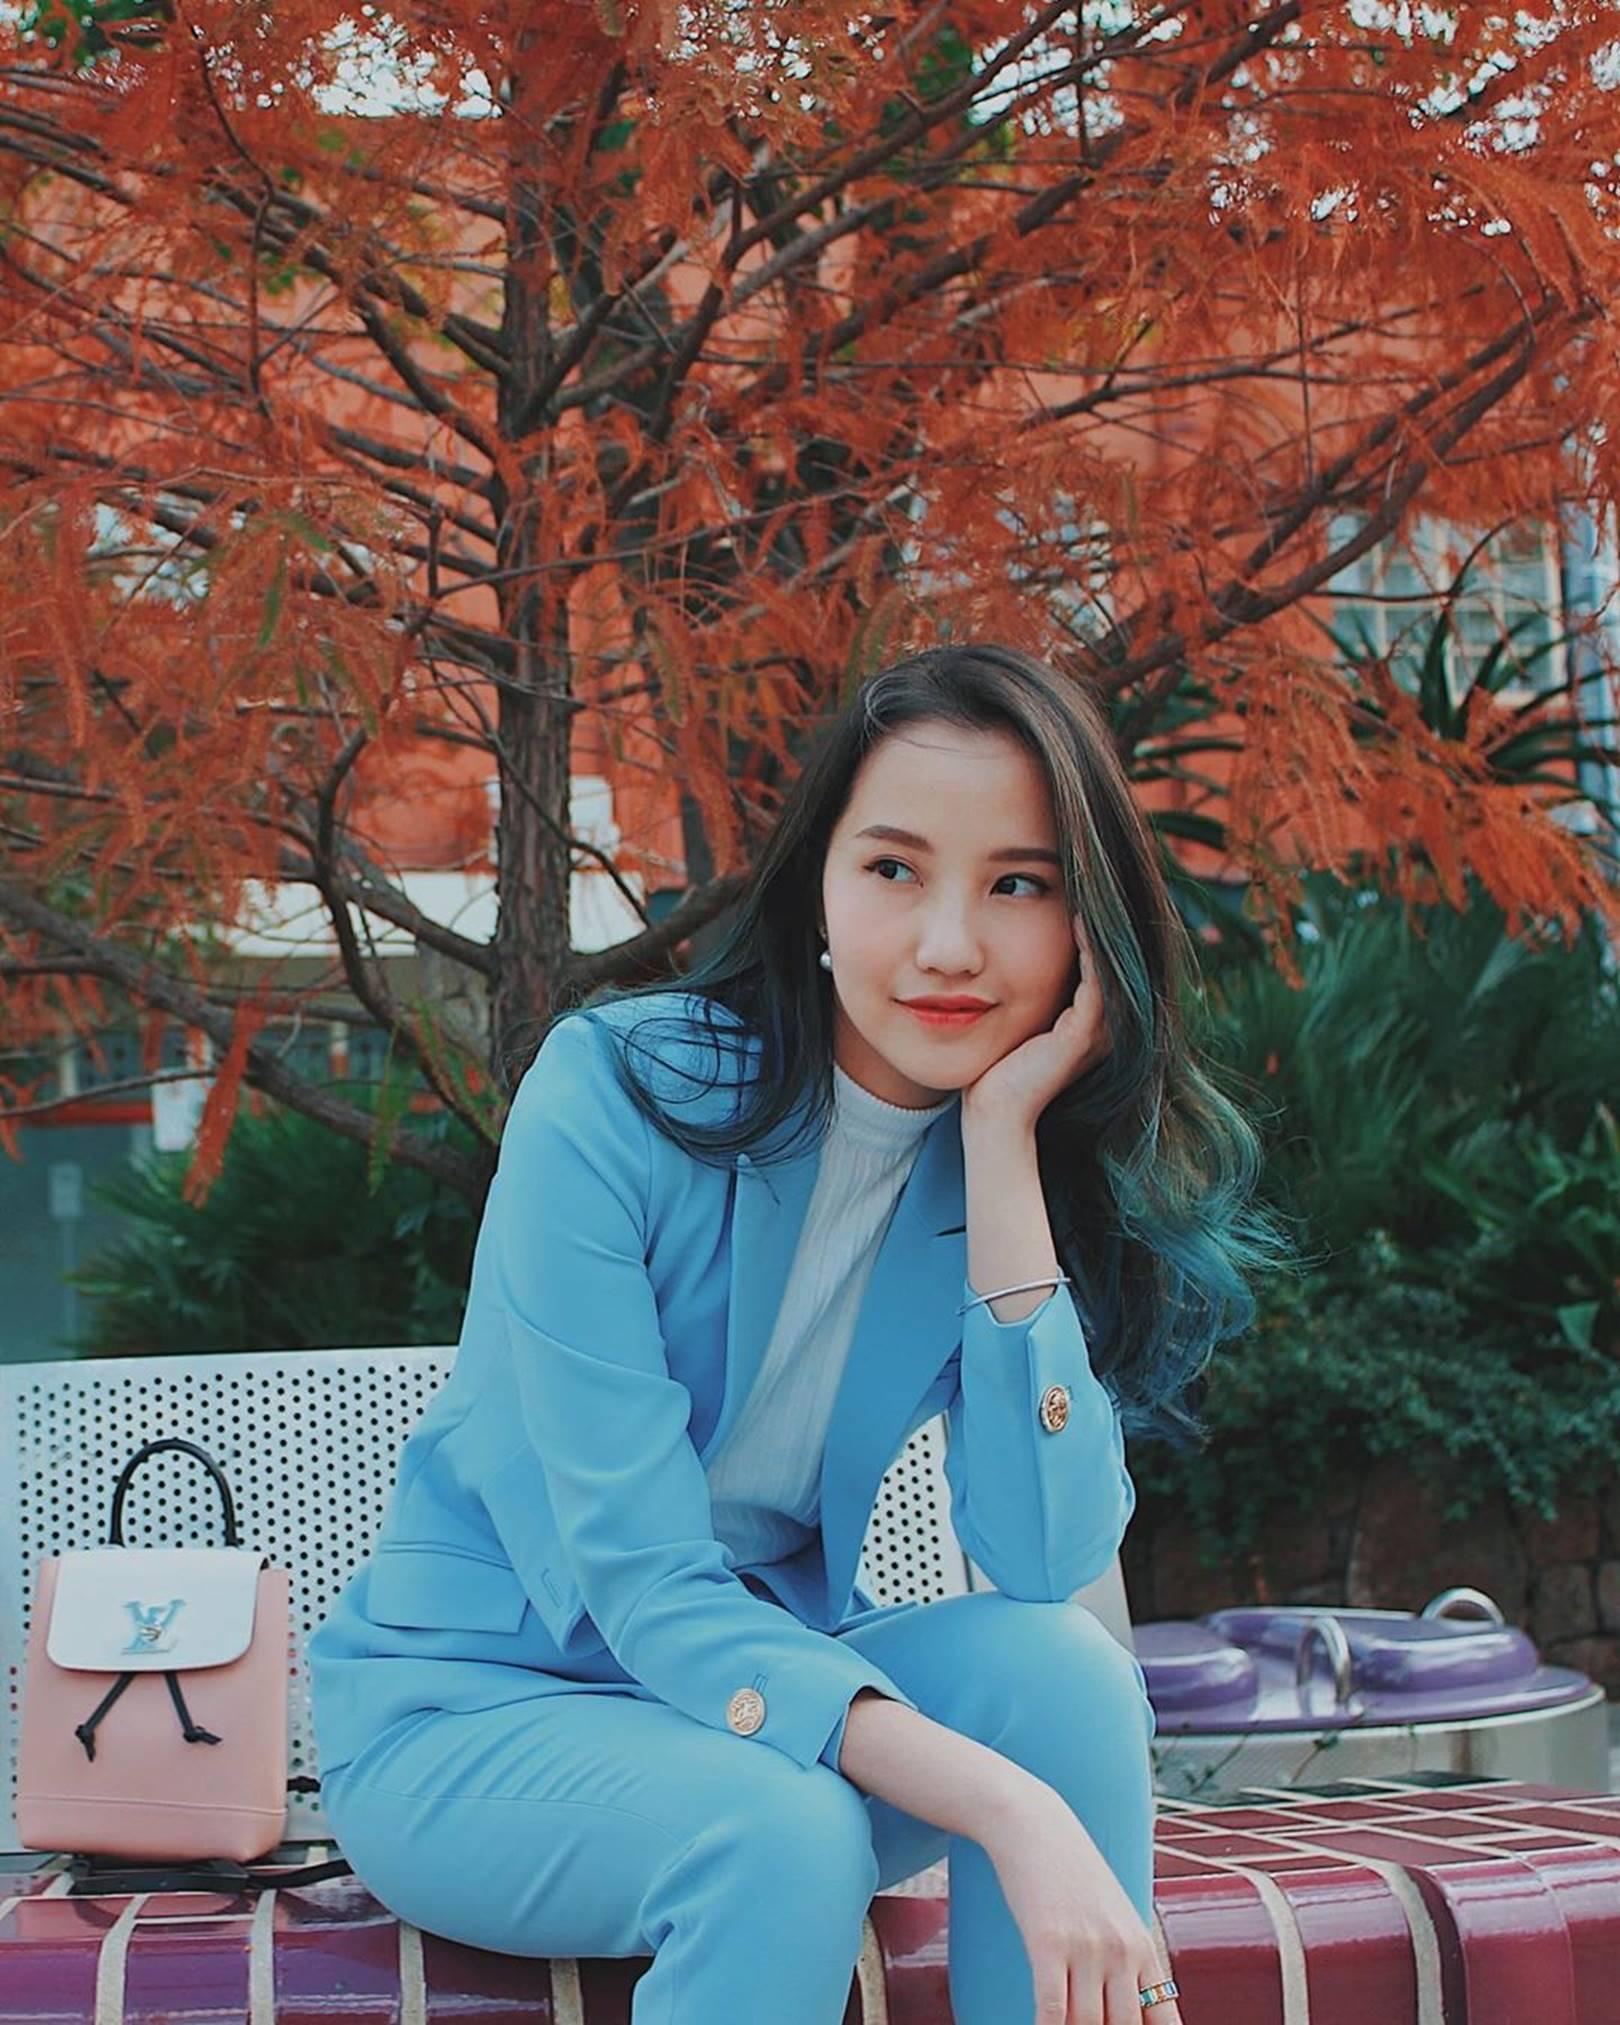 3 ái nữ cành vàng lá ngọc nhà đại gia Việt: Thay đồ hiệu như thay áo, xách túi hiệu như xách giỏ đi chợ mỗi ngày-28